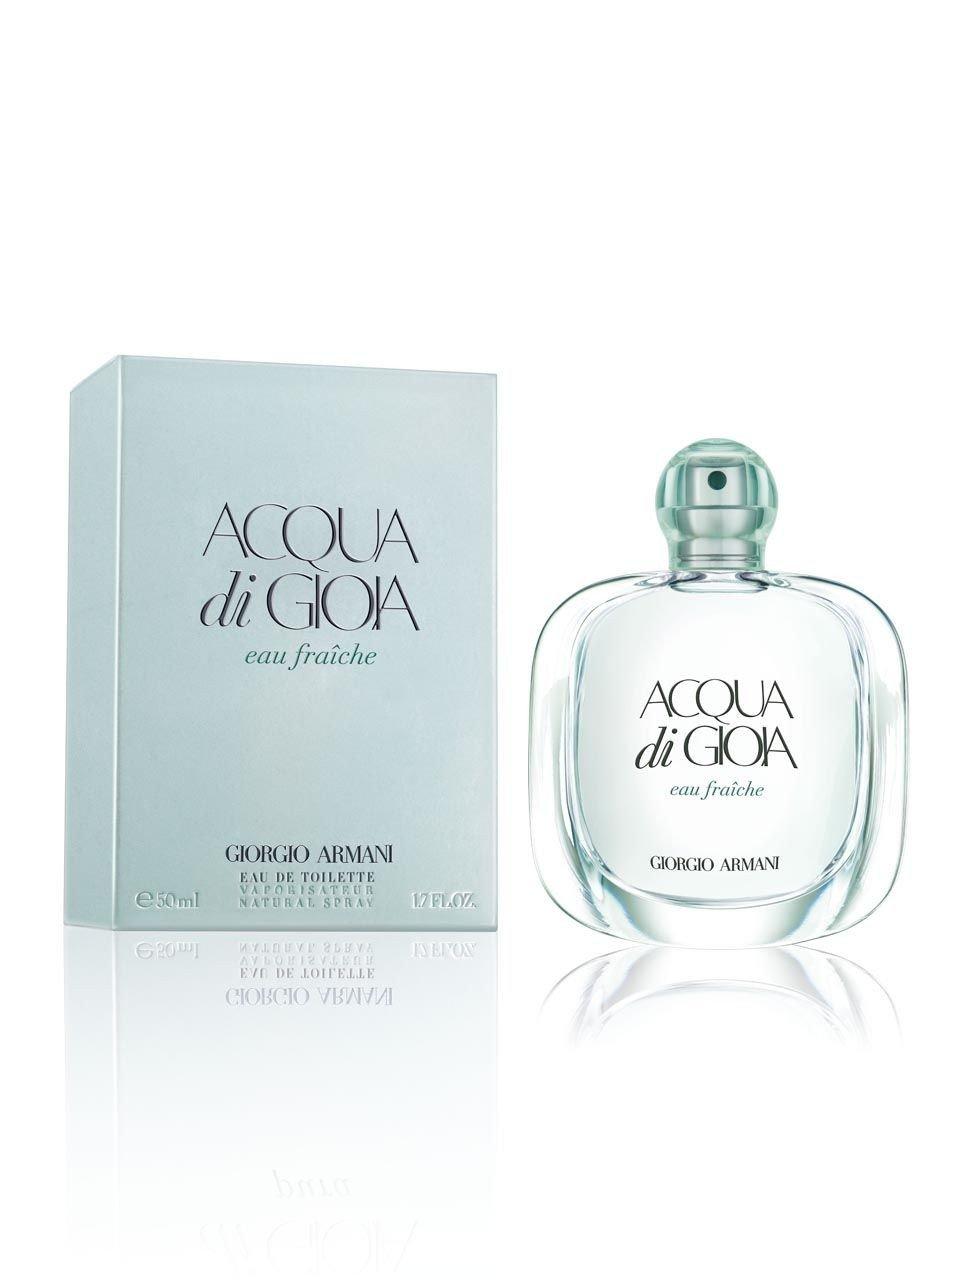 Giorgio Armani Aqua Di Gioia Eau Fraiche EDT Spray for Women, 1.7 Ounce, W-7470 3605521739483 55800_noaplica